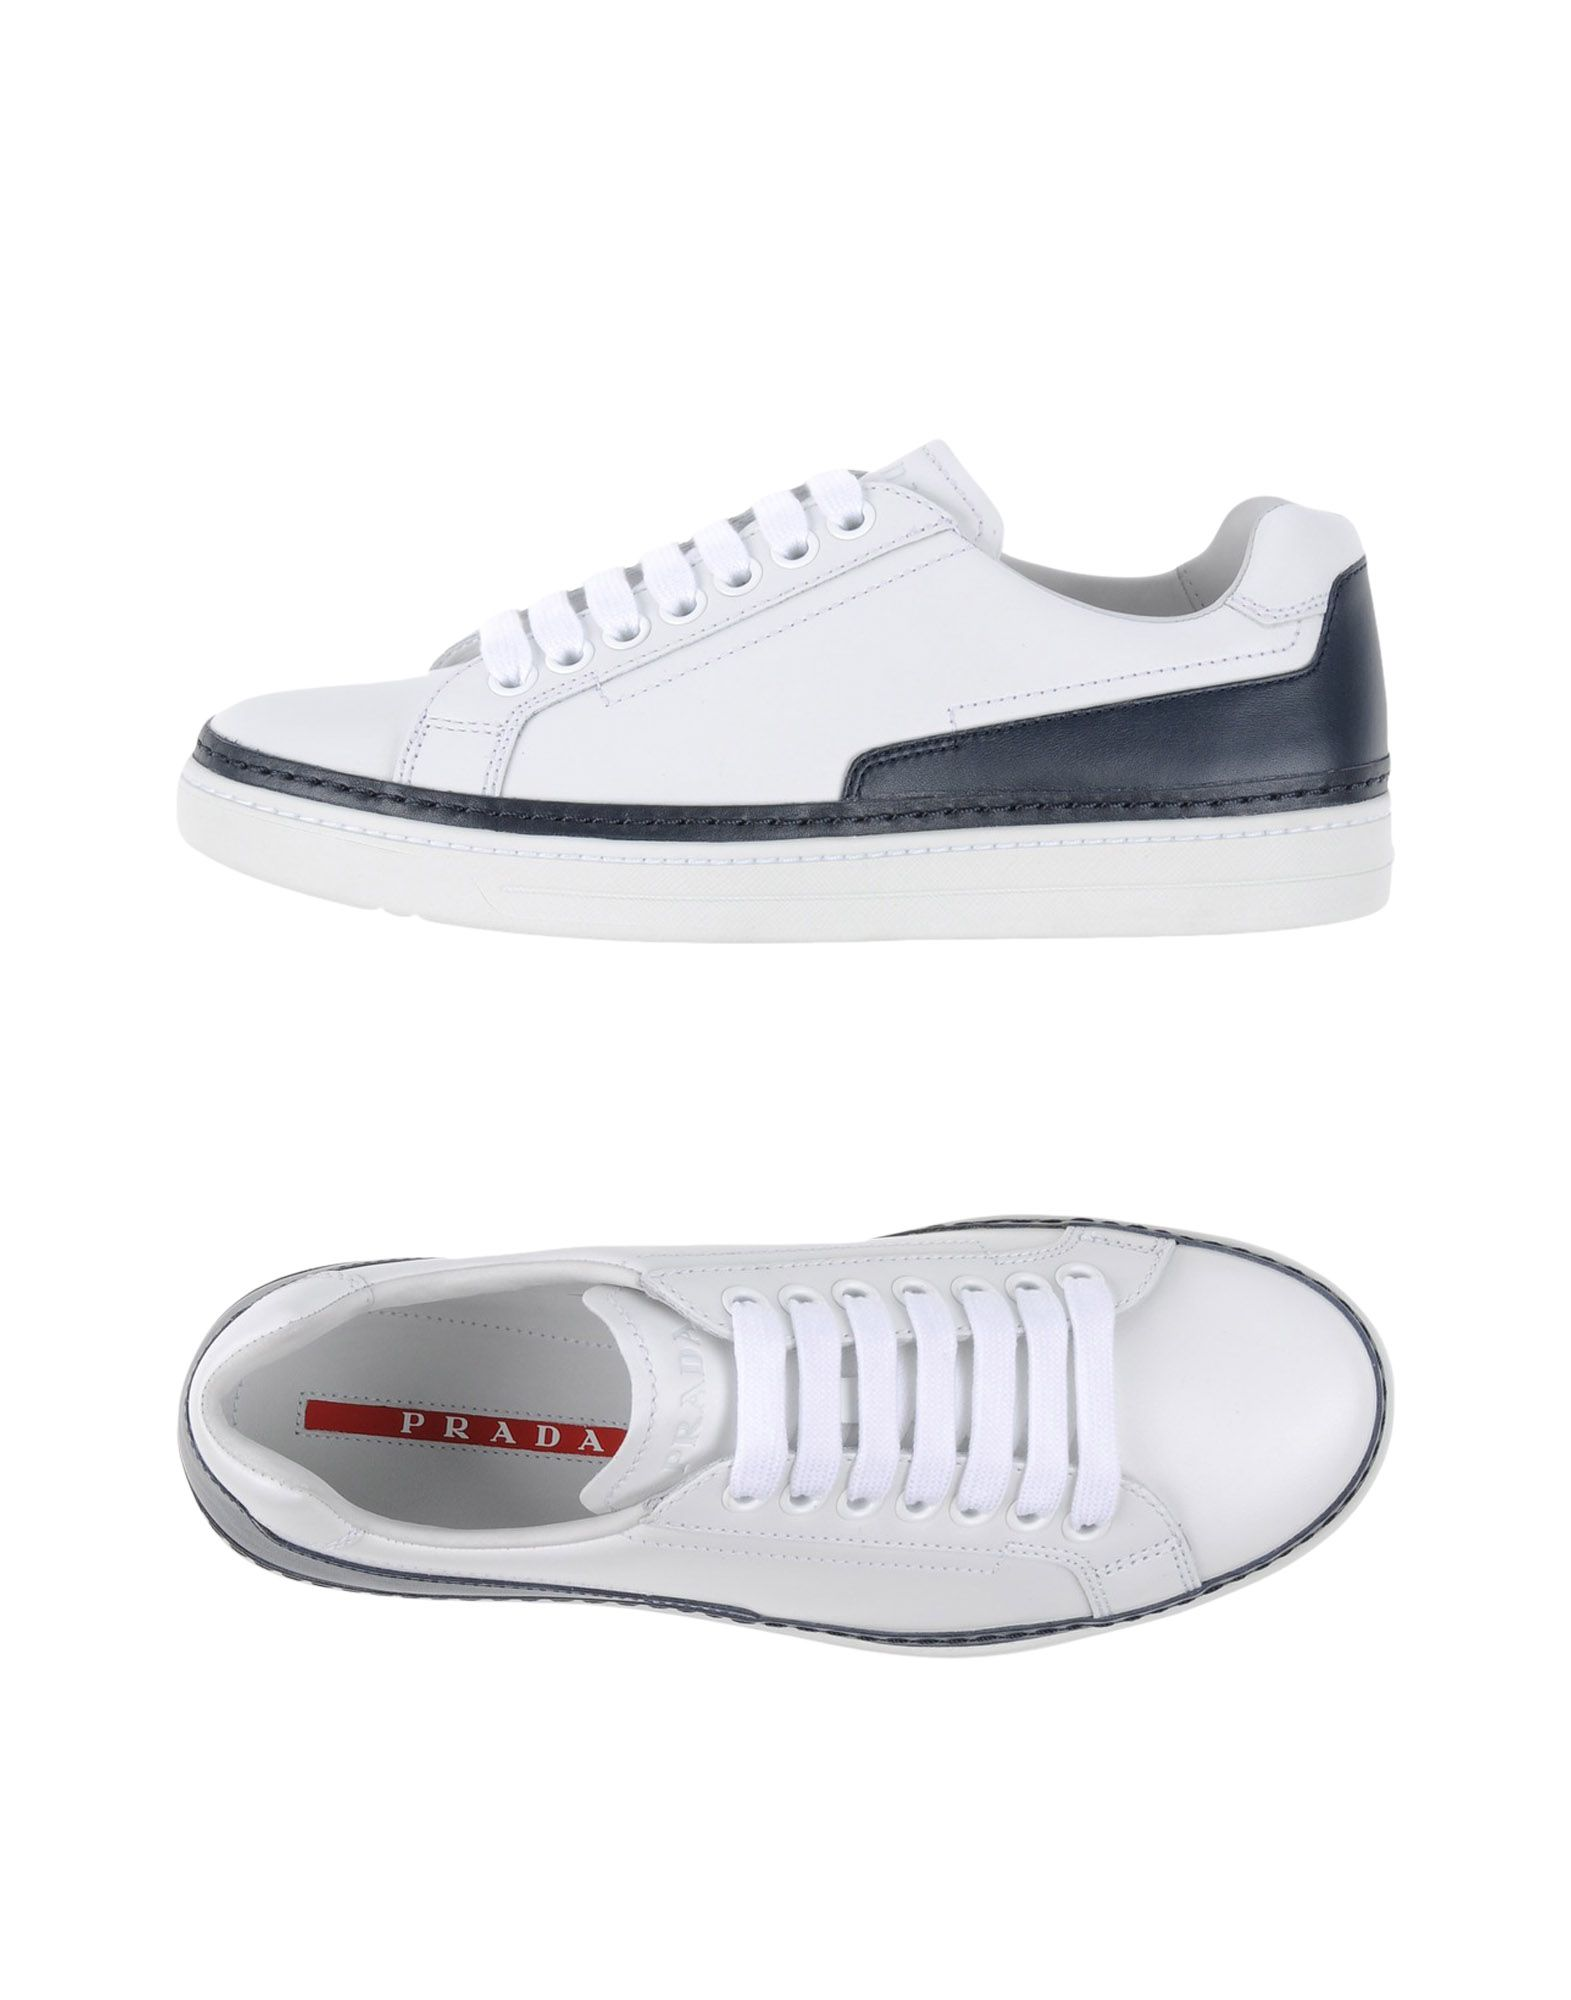 PRADA LINEA ROSSA Low-tops & sneakers - Item 11144766